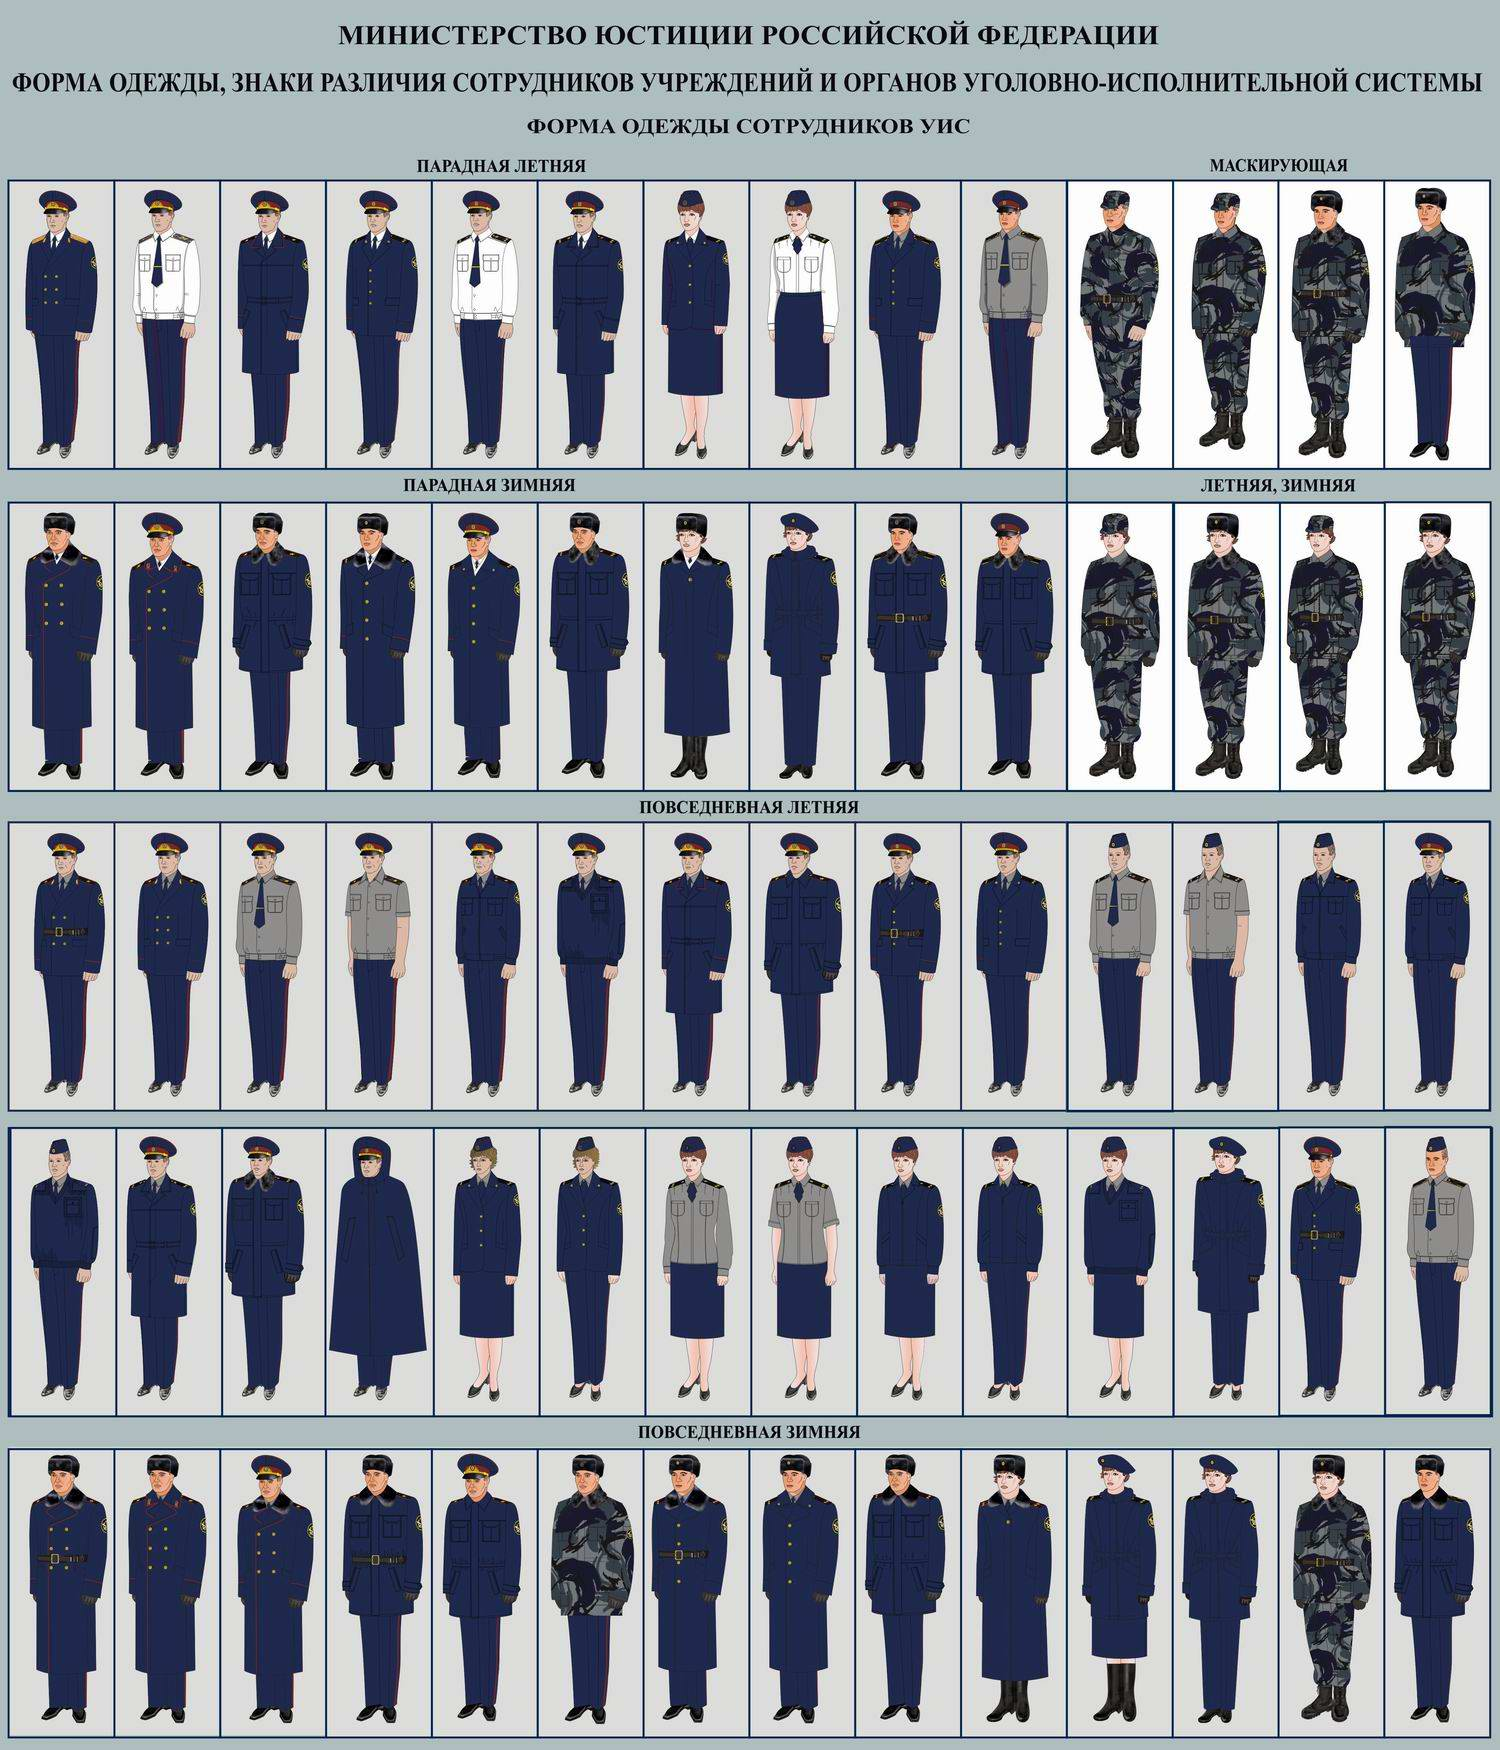 Форма одежды сотрудников ФСИН